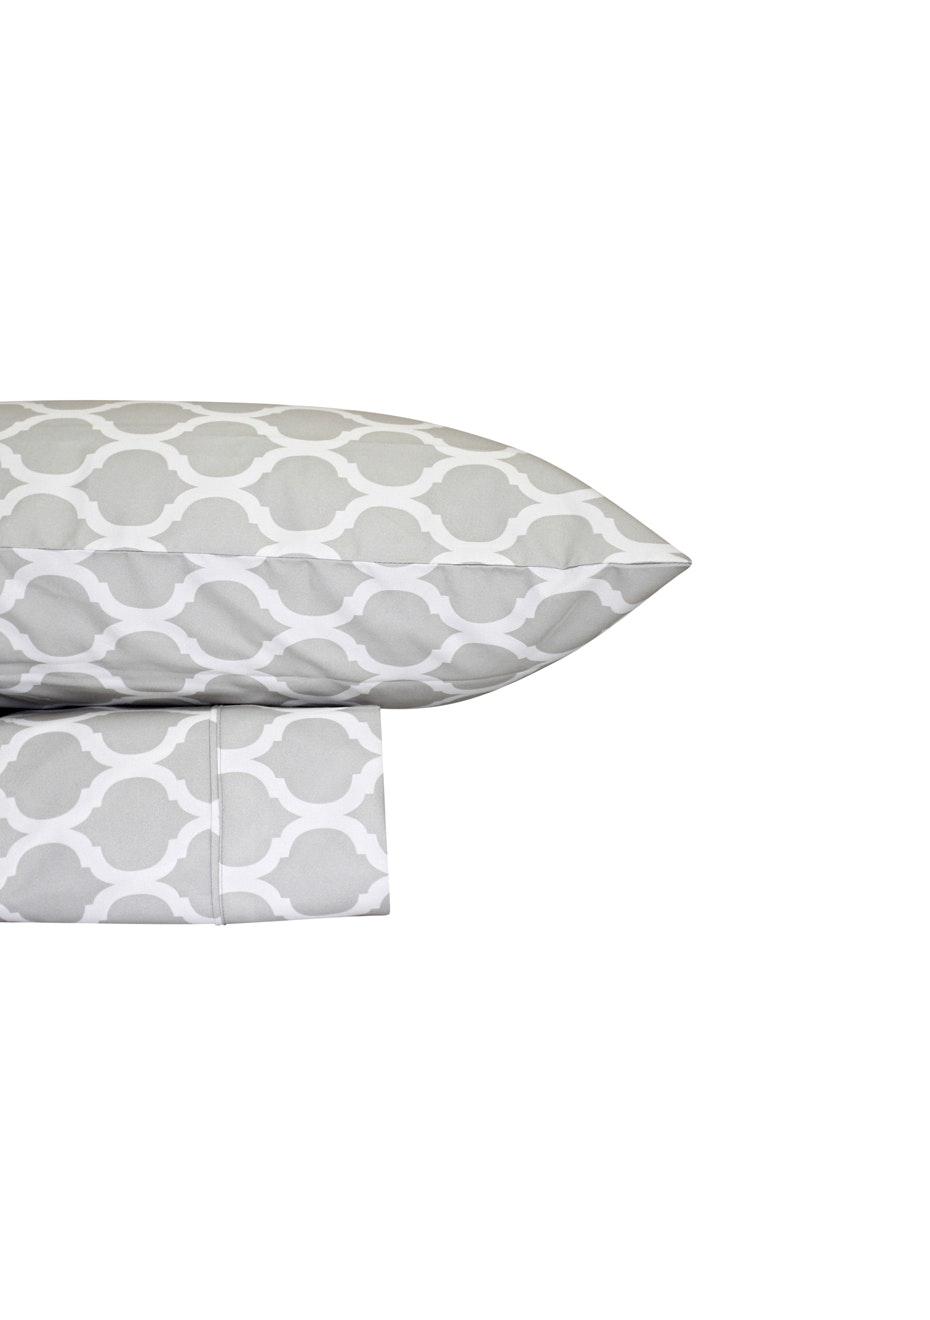 Thermal Flannel Sheet Sets - Morocco Design - Glacier - King Bed